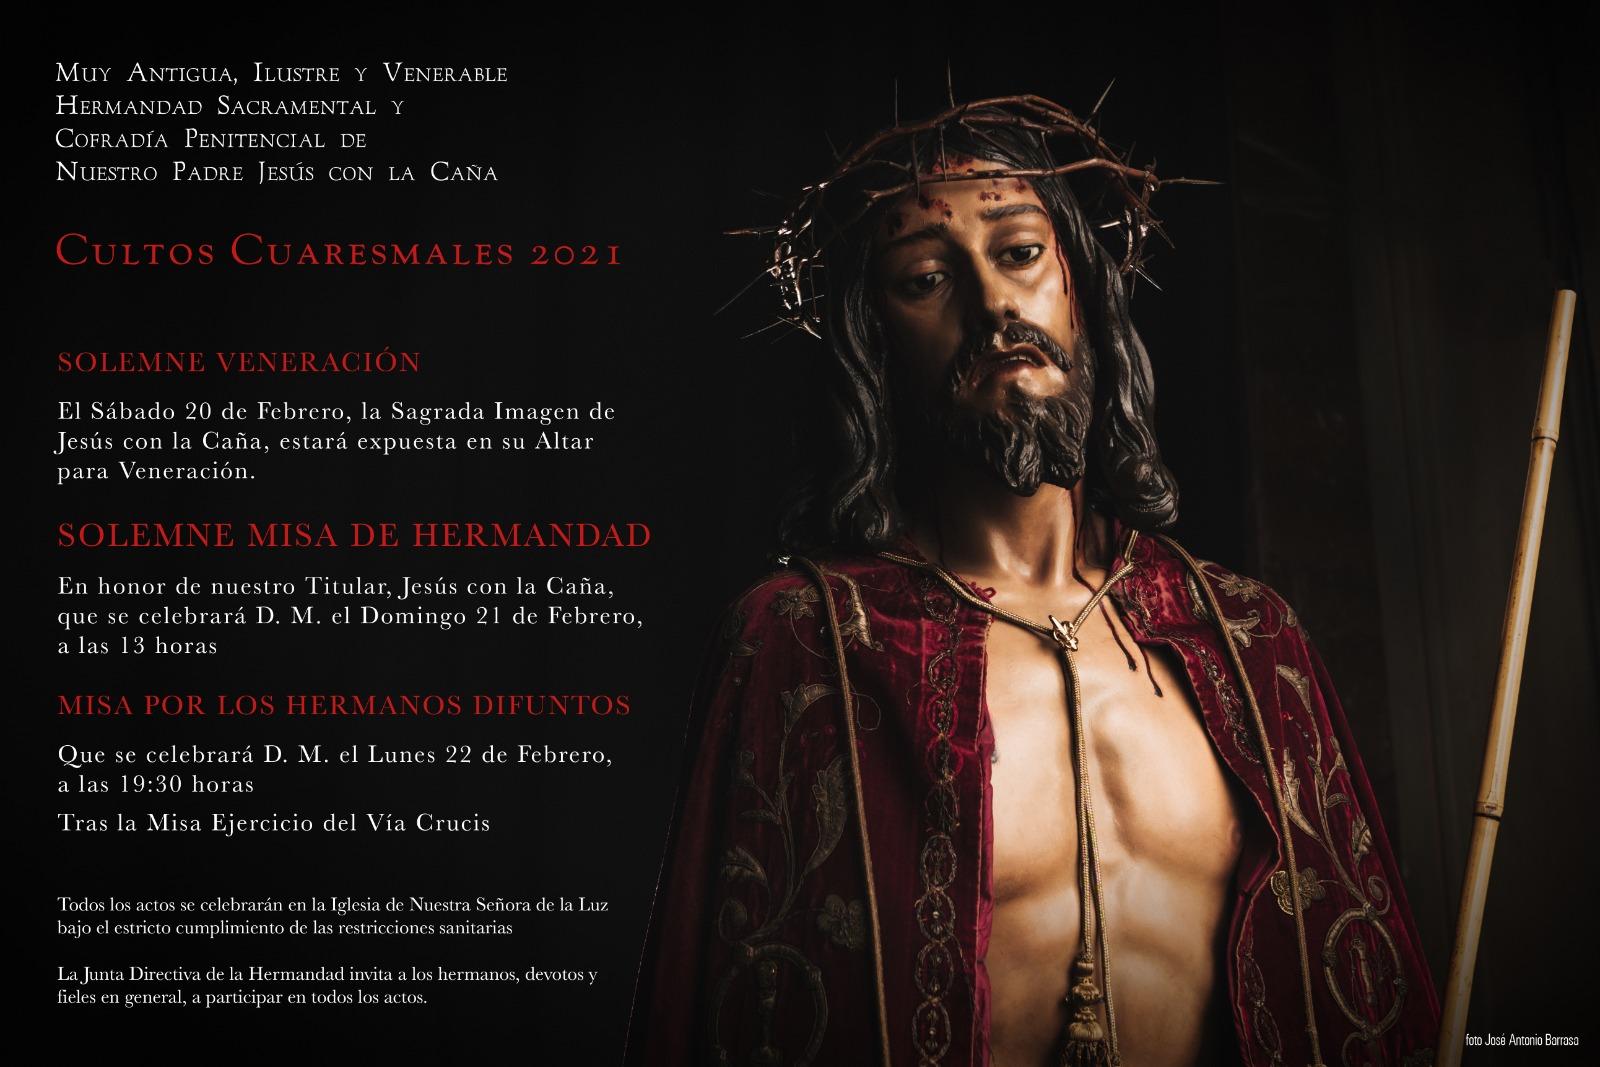 La M. A. I. V. H. S. y C. P. de Ntro. Padre Jesús con la Caña celebra los primeros Cultos como Hermandad Sacramental.